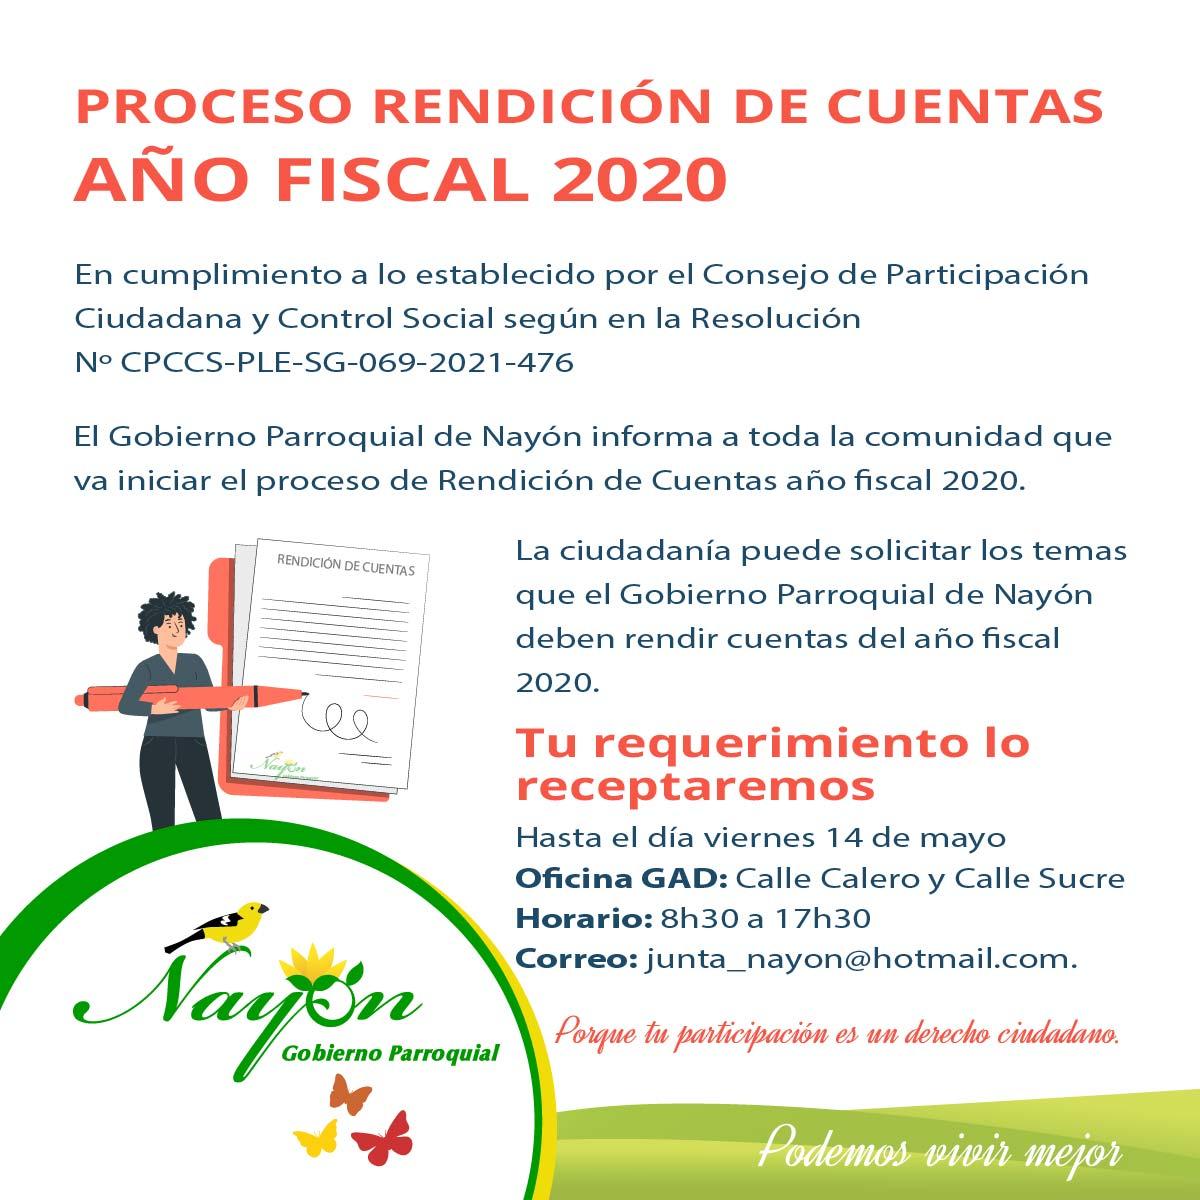 Proceso de Rendición de Cuentas del año fiscal 2020